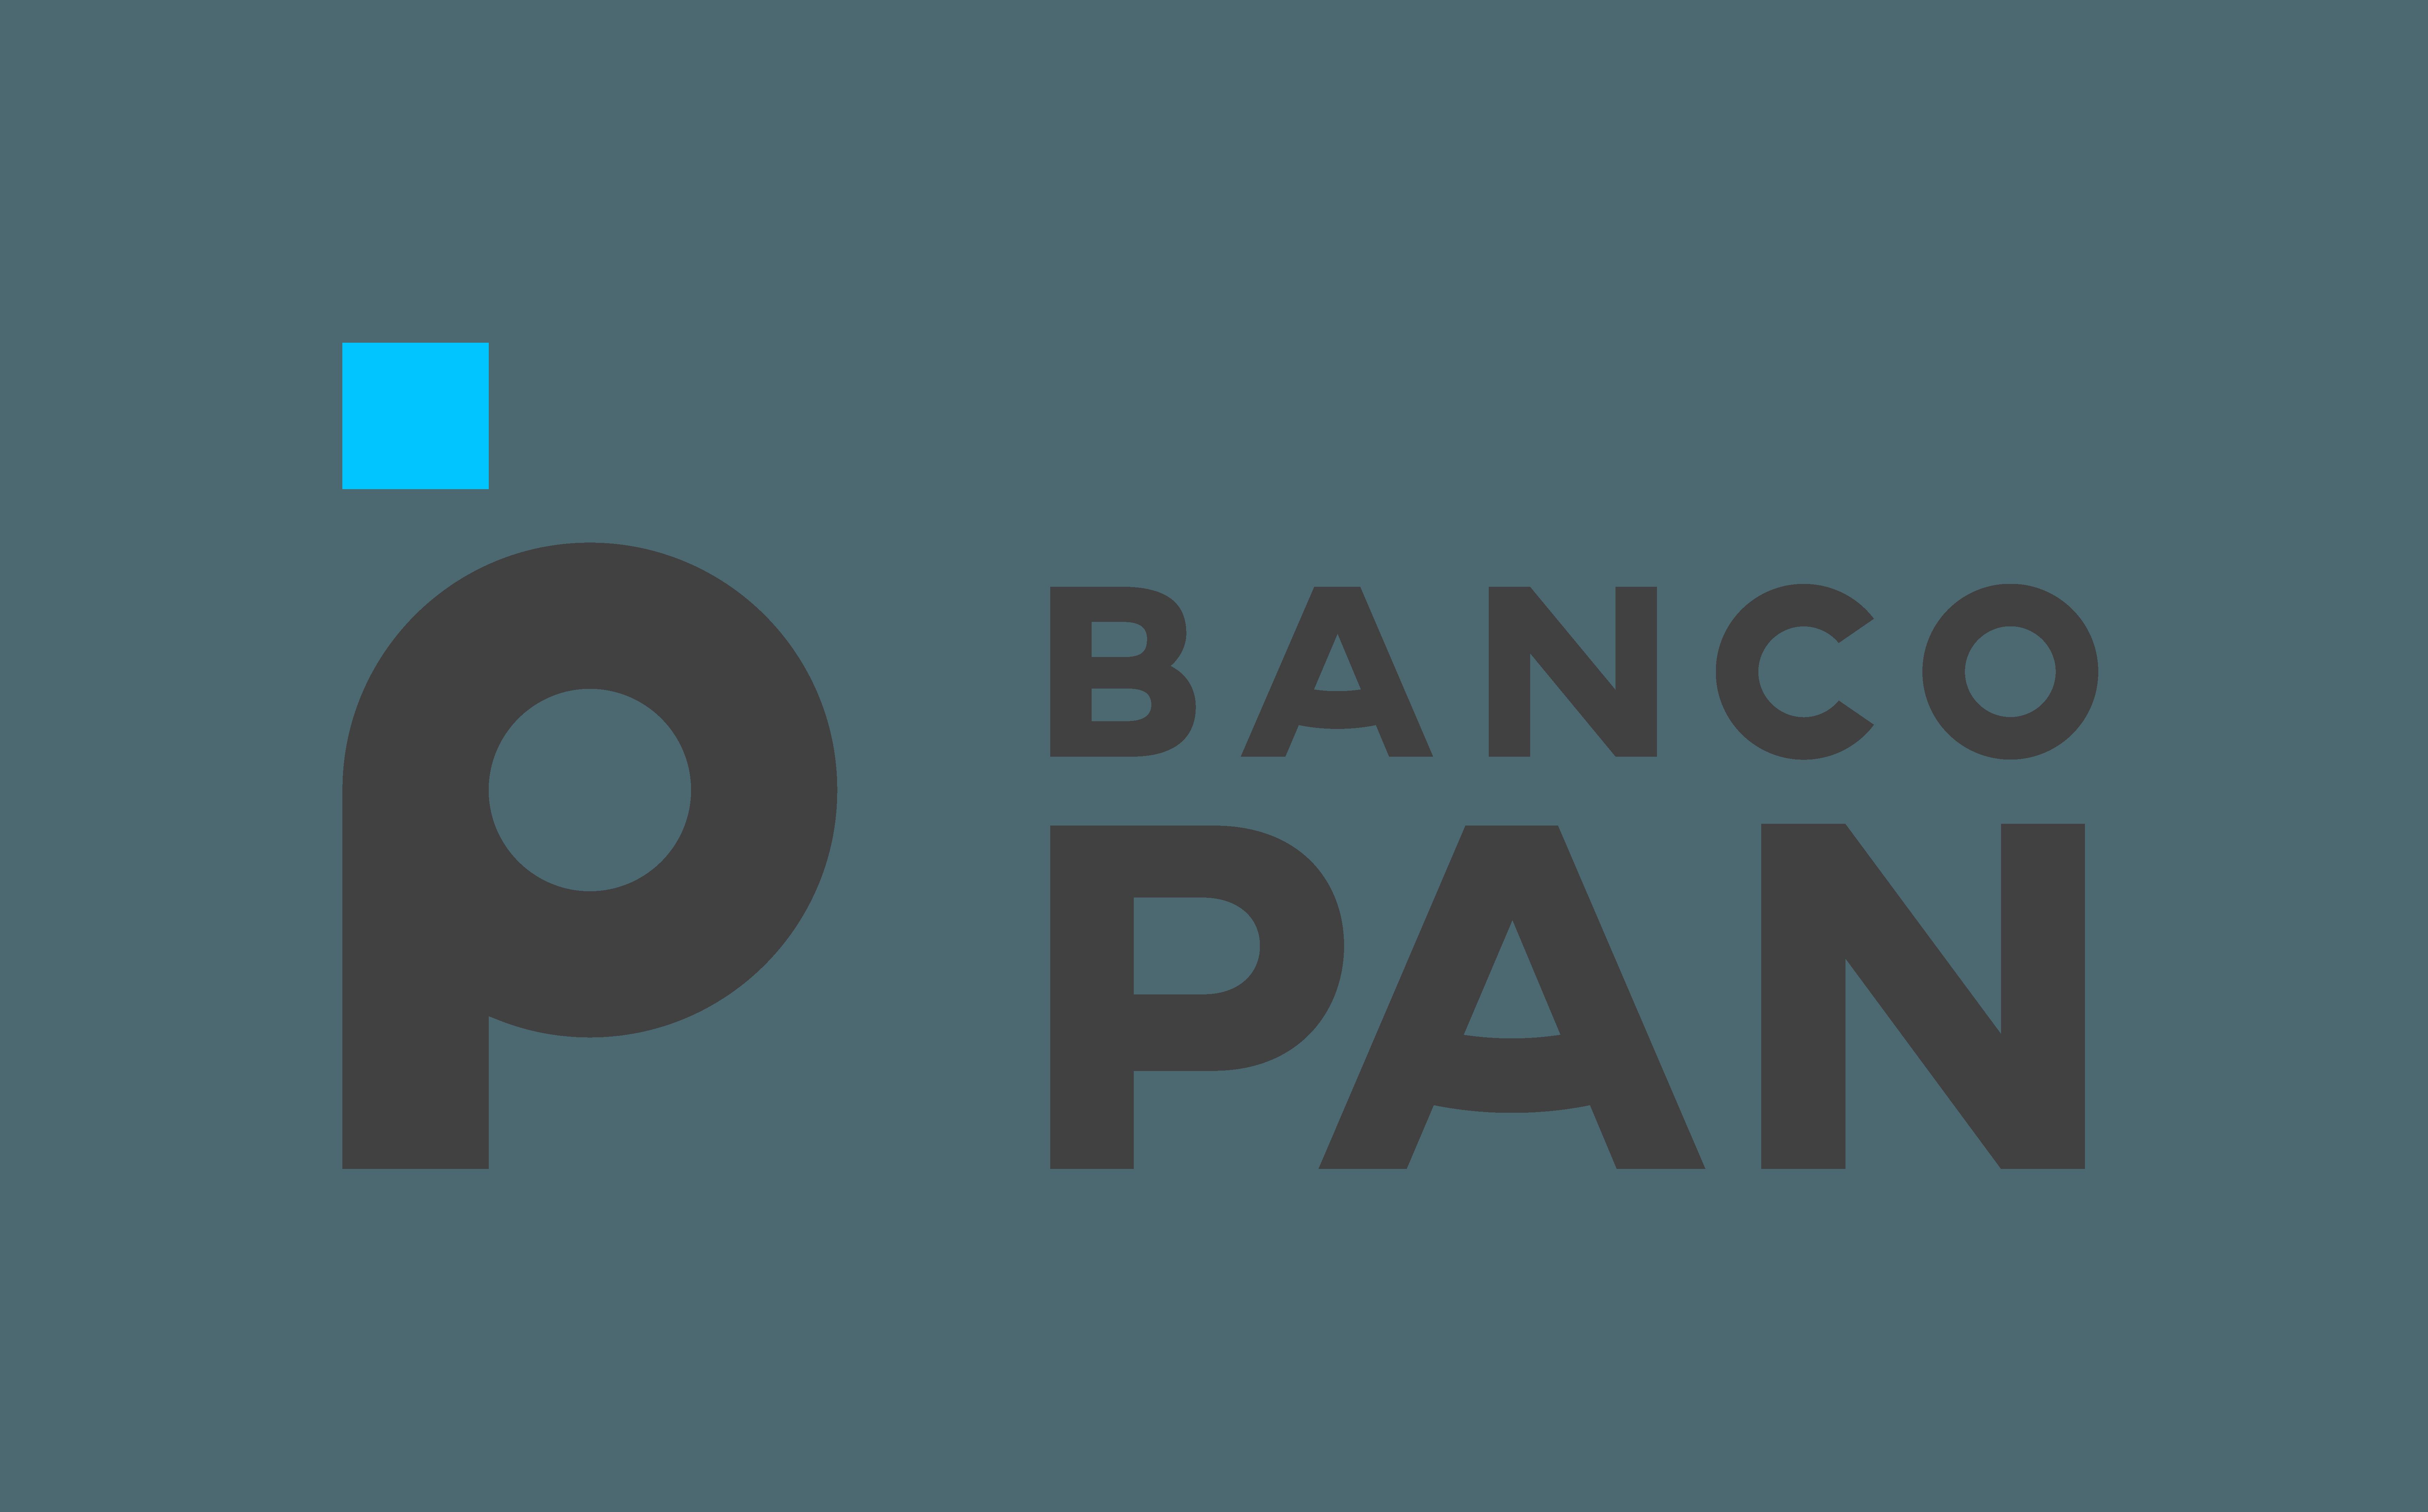 Descrição da imagem: logotipo do Banco Pan